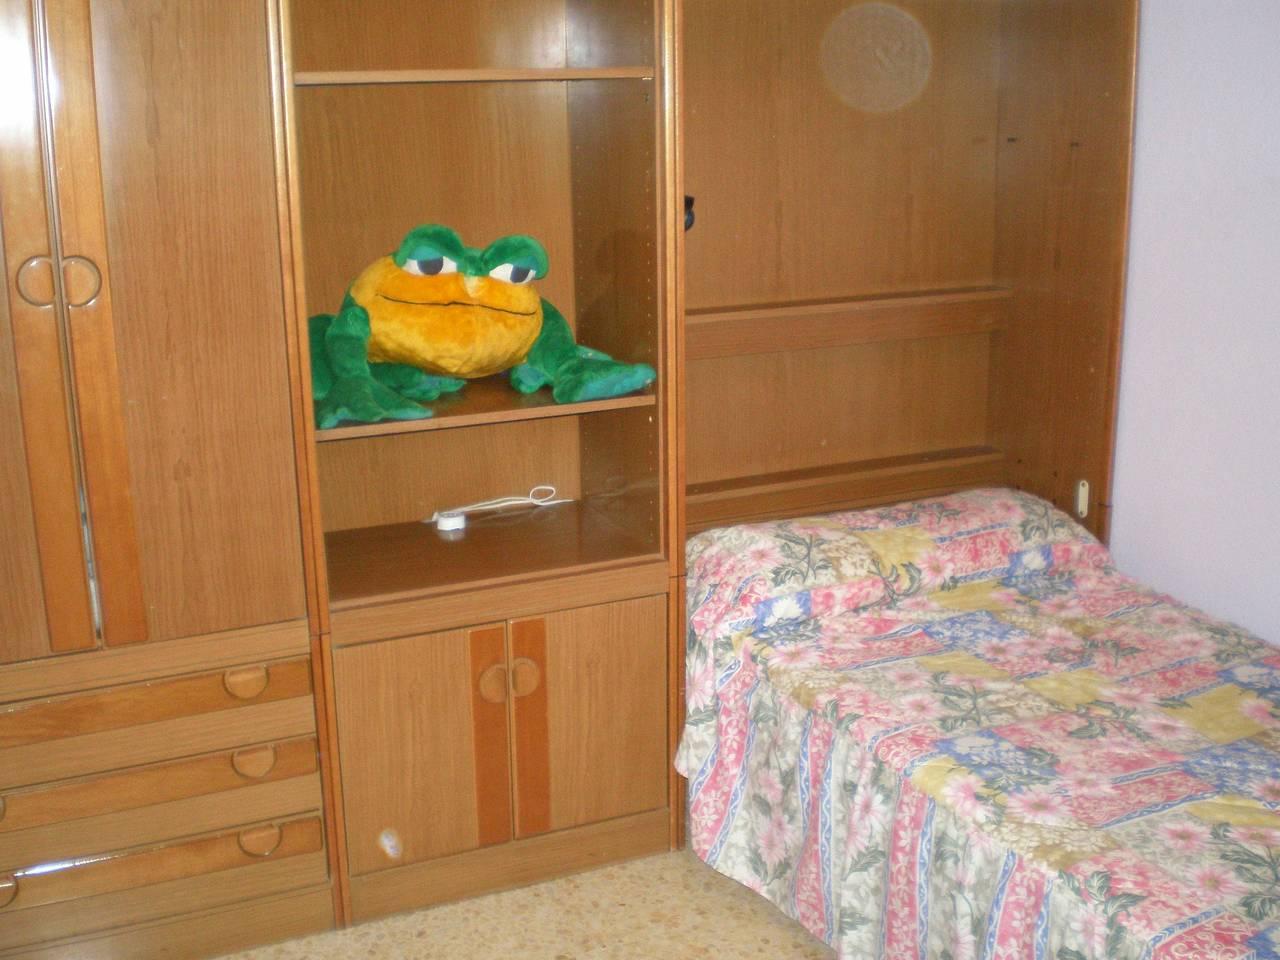 en soria se alquilan una habitacion en piso compartido  - Foto 16